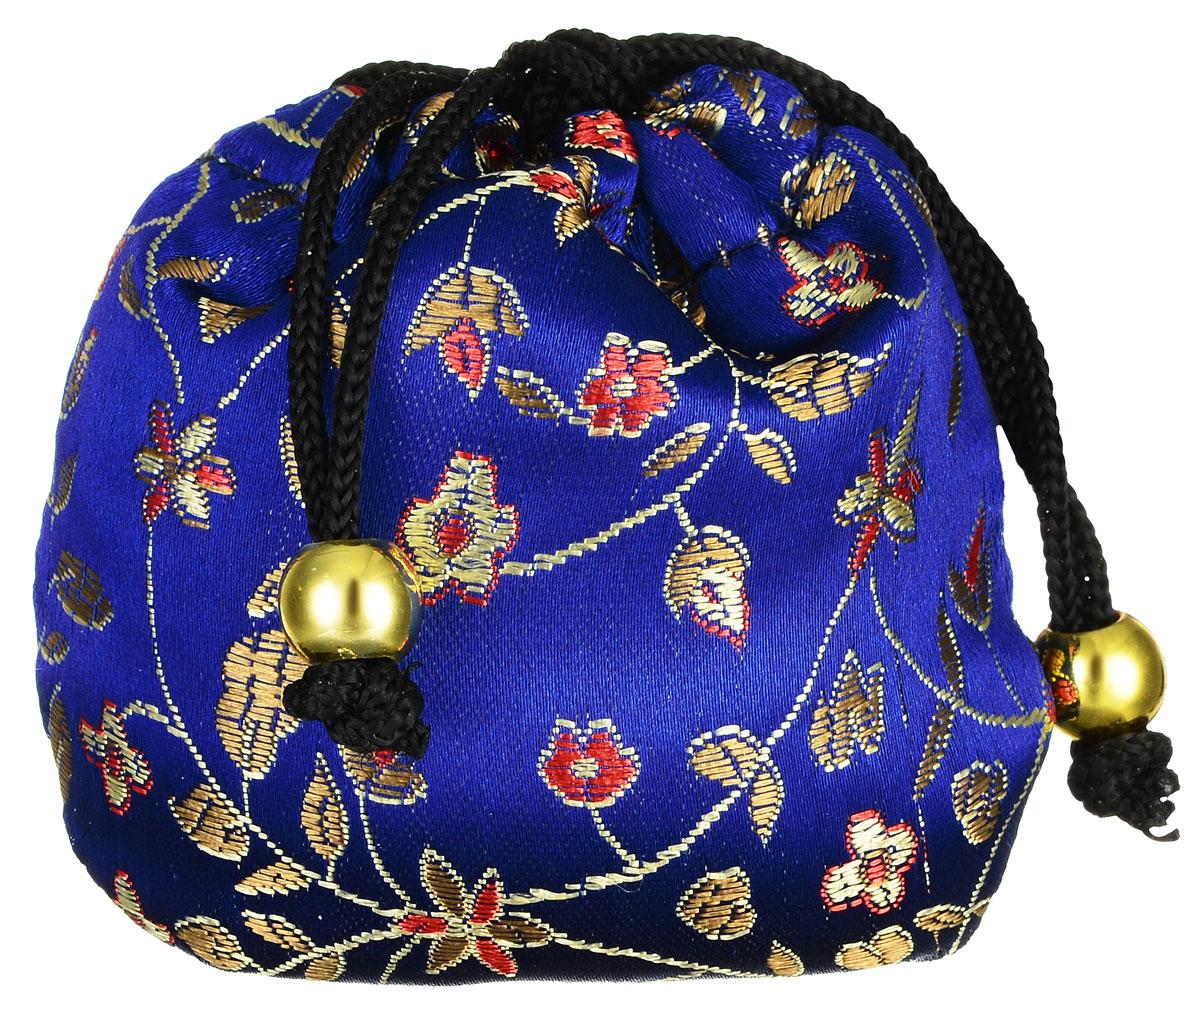 Masura Шелковый мешочек Ацуи для горячего и холодного массажа, цвет: синий804-1Шелковый мешочек Masura Ацуи применяется для холодного и горячего массажа рук и ароматерапии при проведении процедуры Японский маникюр. Изделие, оформленное цветочной вышивкой, затягивается на кулиску с декоративными бусинами. Наполнен мешочек морской солью, сухоцветами и аромамаслами.Материал мешочка:текстиль, пластик.Размер наполненного мешочка: 6,5 см х 6,5 см х 5 см.Товар сертифицирован.Как ухаживать за ногтями: советы эксперта. Статья OZON Гид